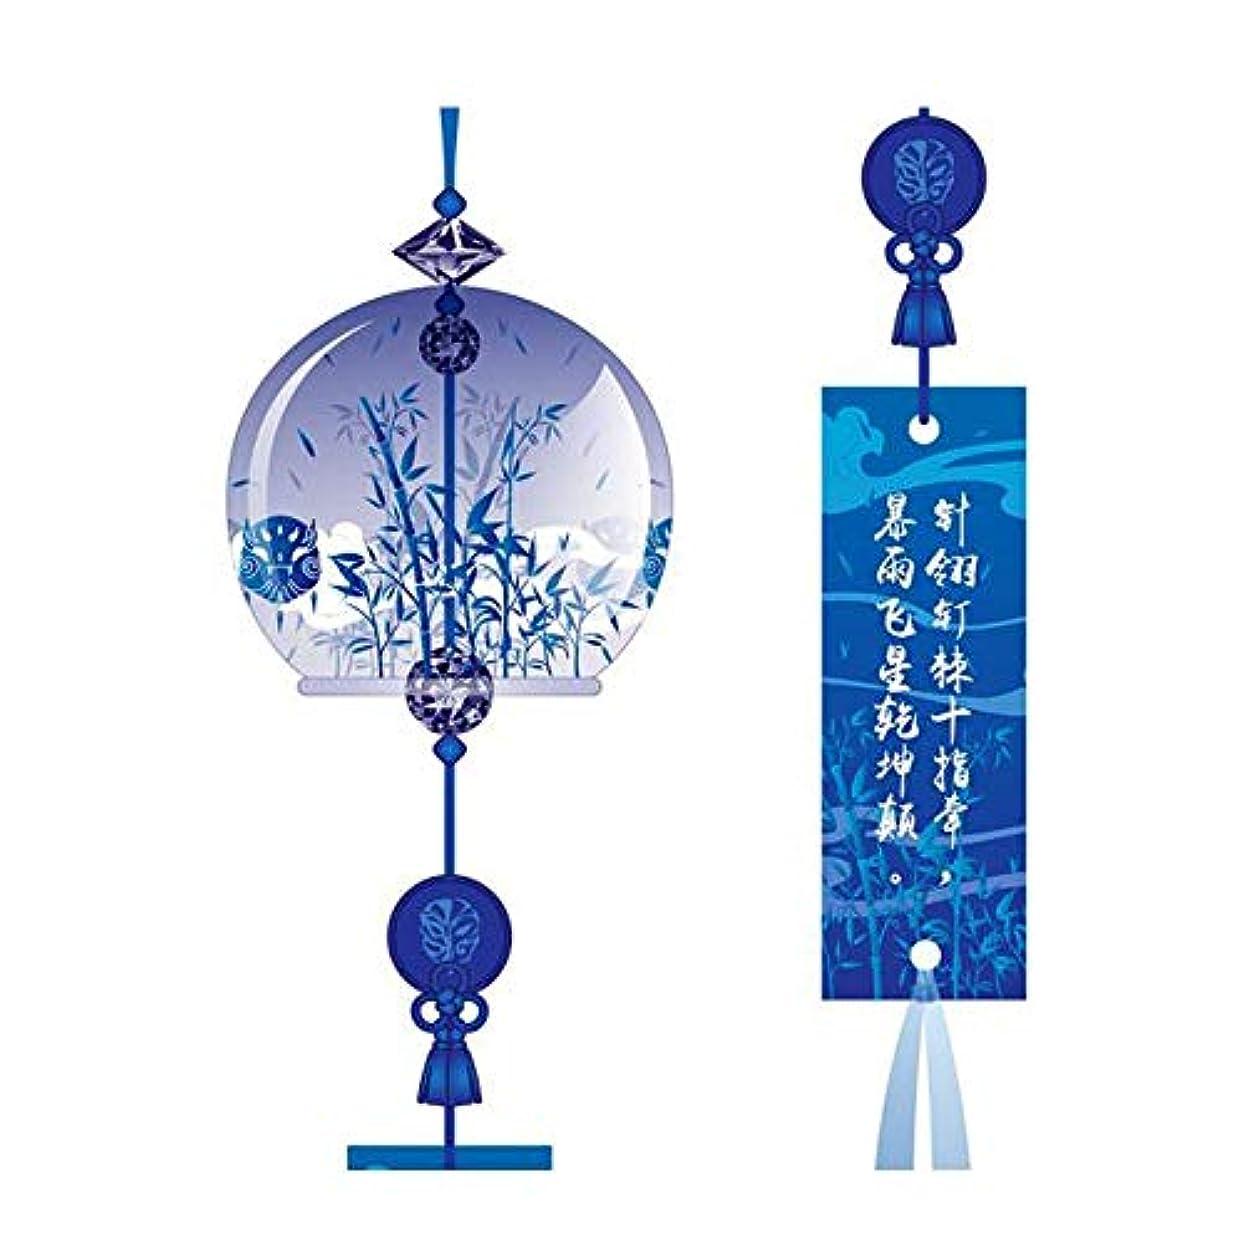 謎パック高原Chengjinxiang 風チャイム、クリスタルクリアガラスの風チャイム、グリーン、全身について31センチメートル,クリエイティブギフト (Color : Blue-A)